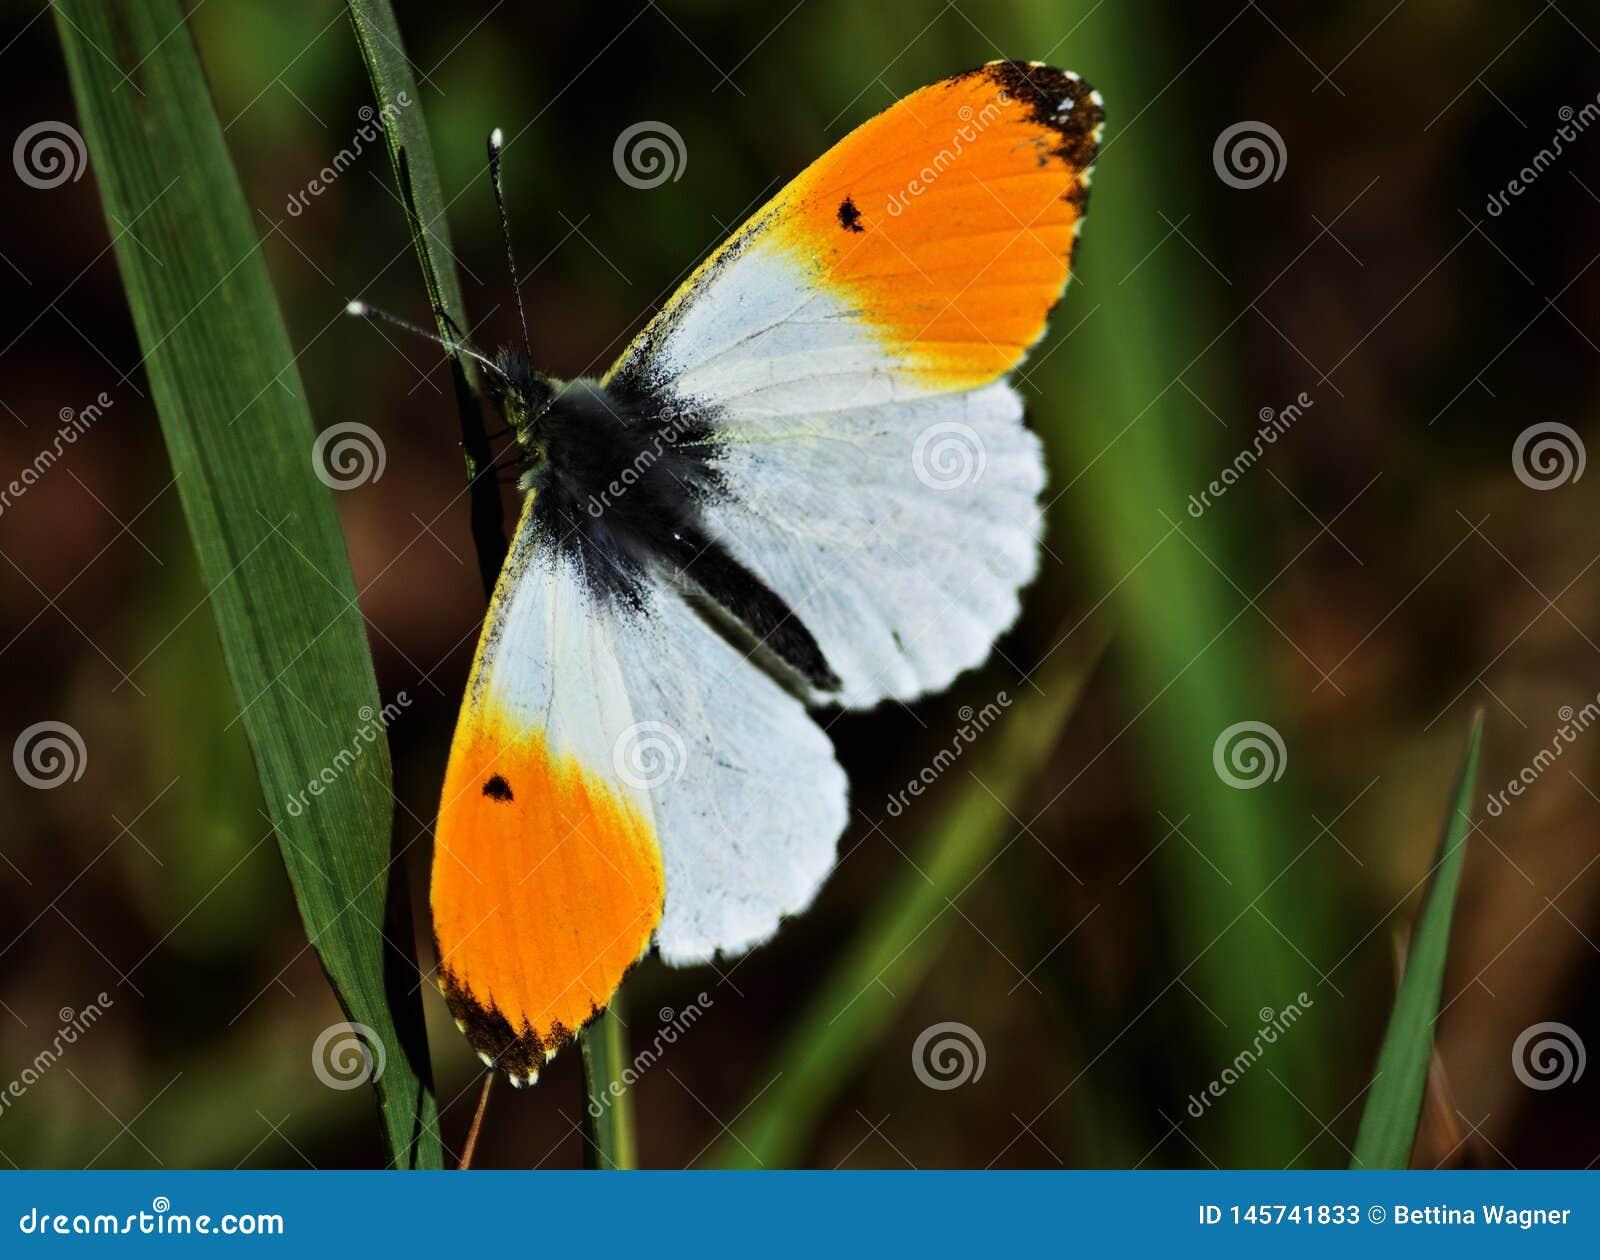 Orange tip butterfly, Anthocharis cardamines